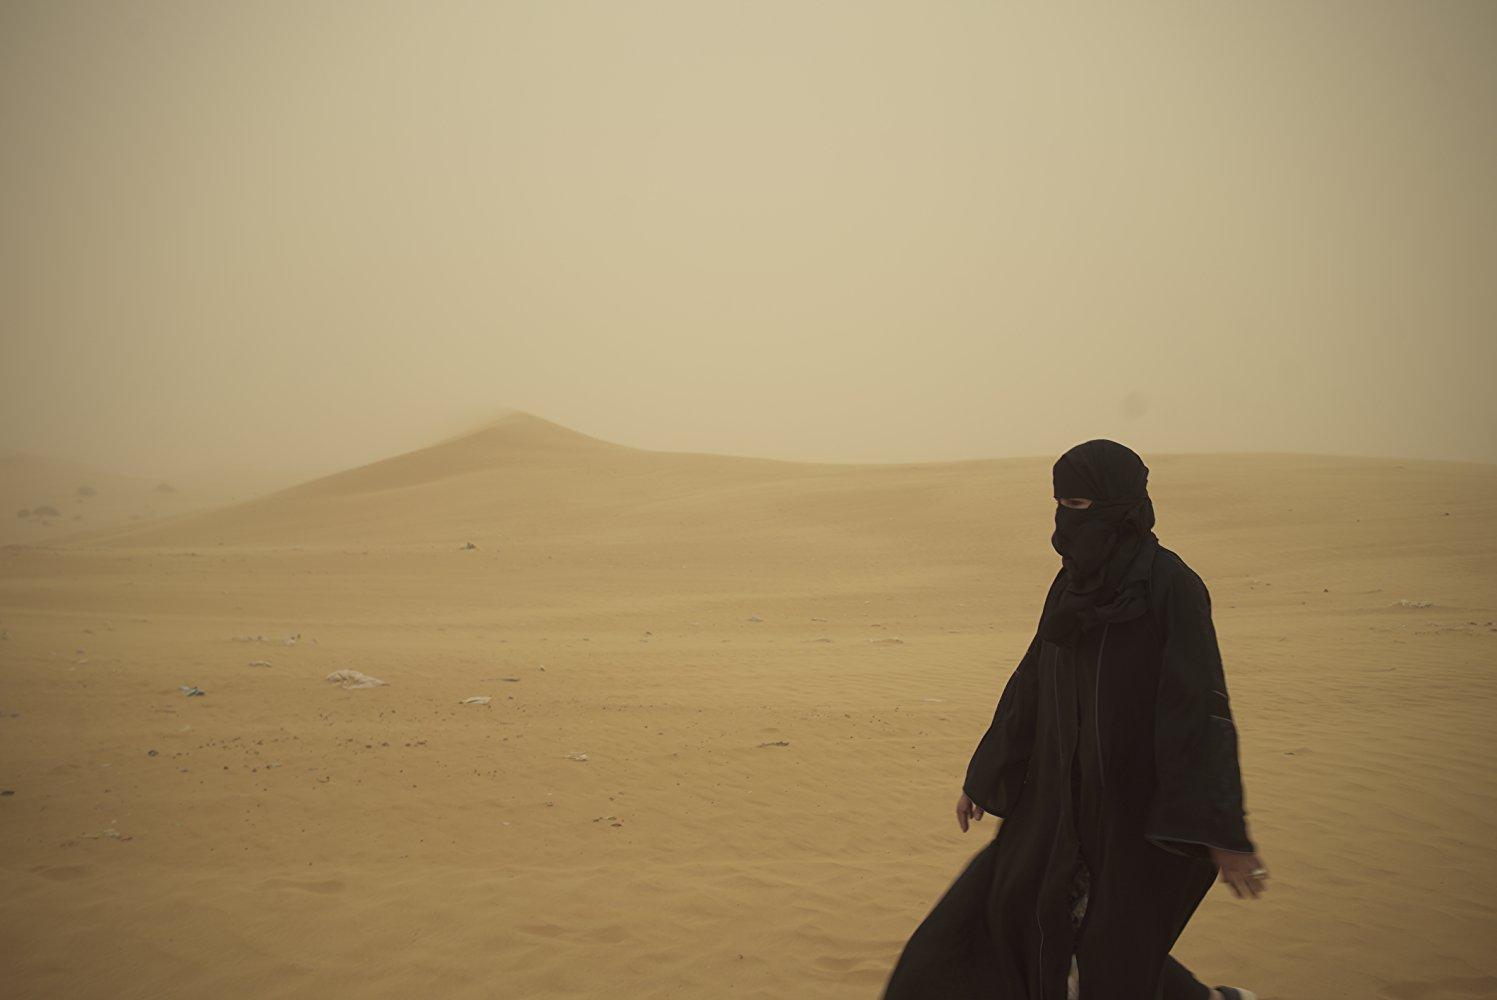 제7회 아랍영화제 <그녀는 시를 쓴다> 스틸컷 이미지 01